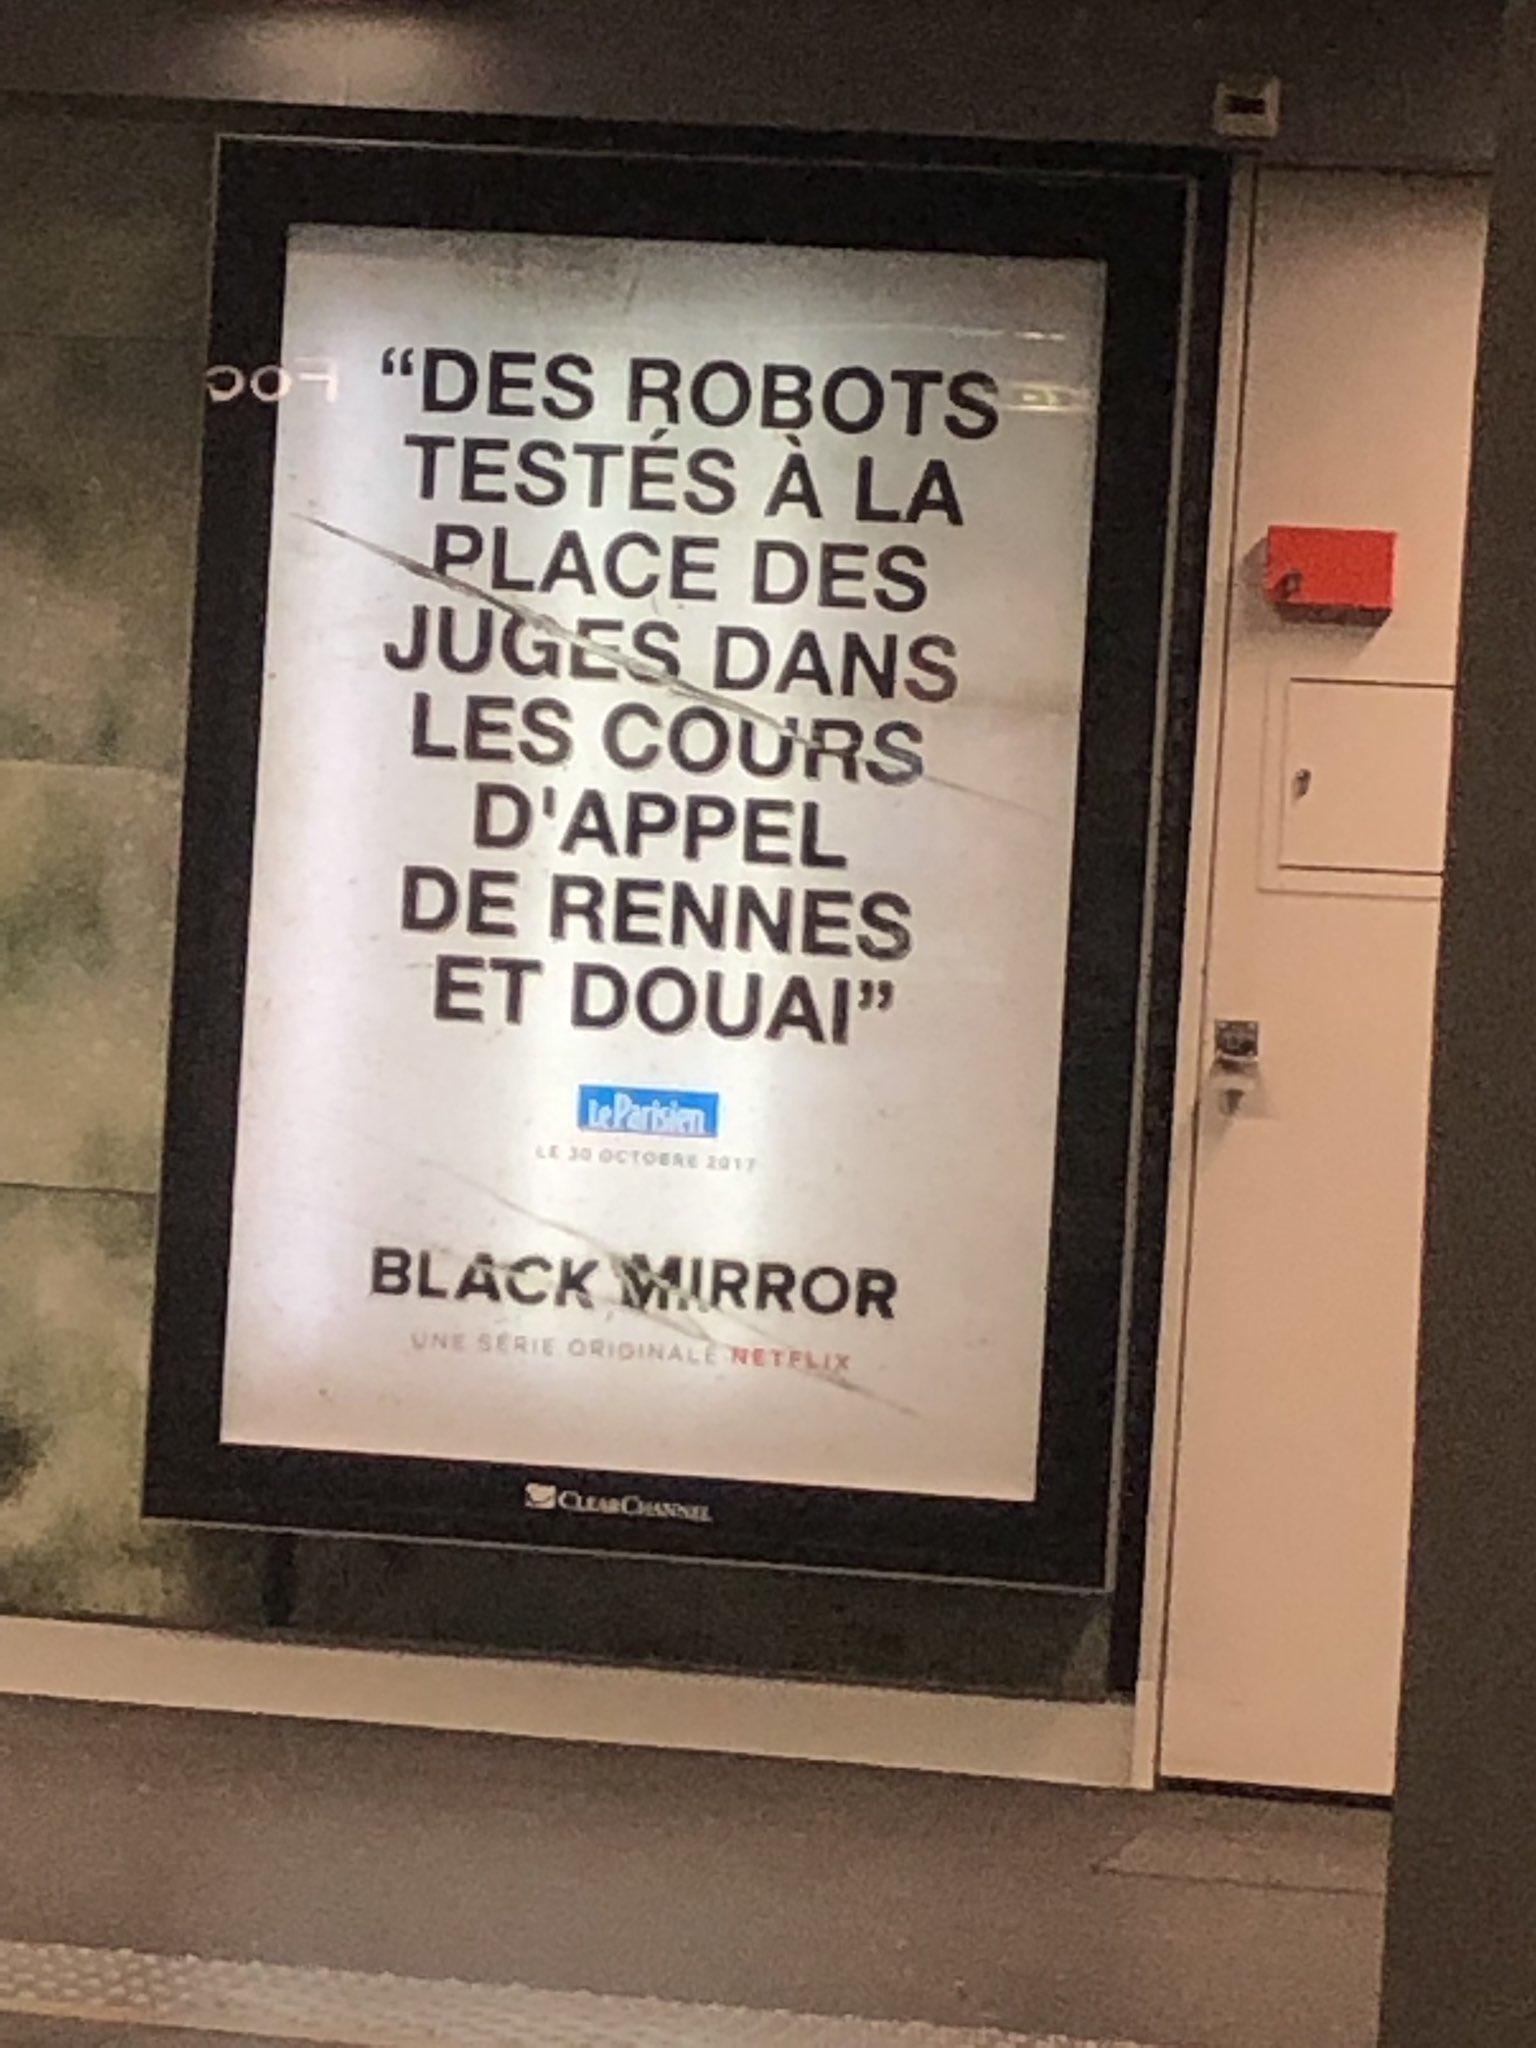 Affiche Black Mirror dans le métro Lyonnais. Crédit photo Twitter @ @alice_jmd